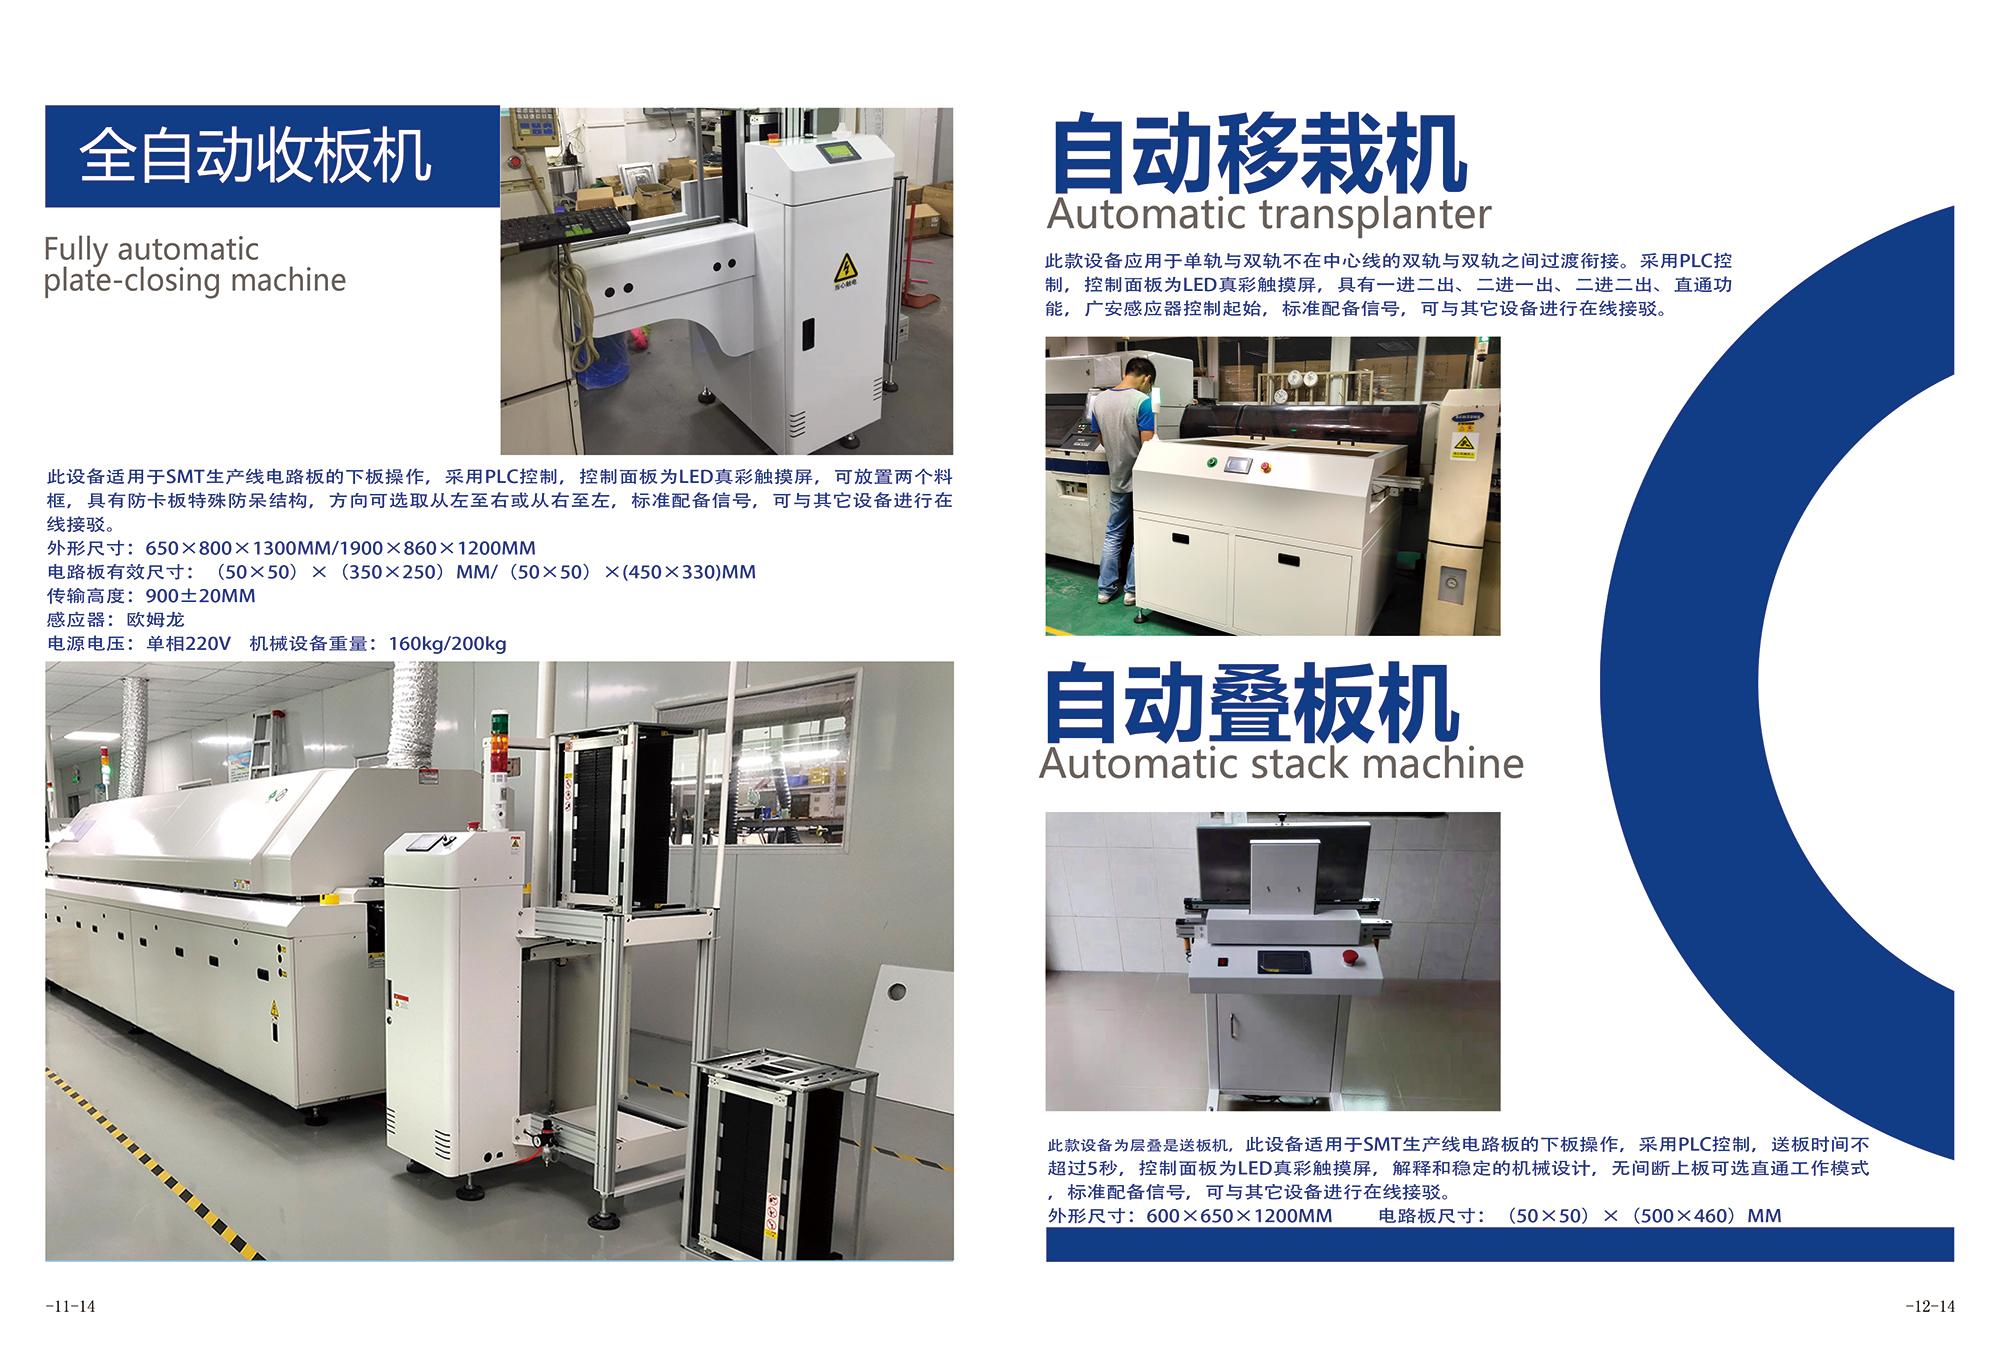 全自动鞋底清洁机锡膏印刷机全自动上下板机微型上板机--7